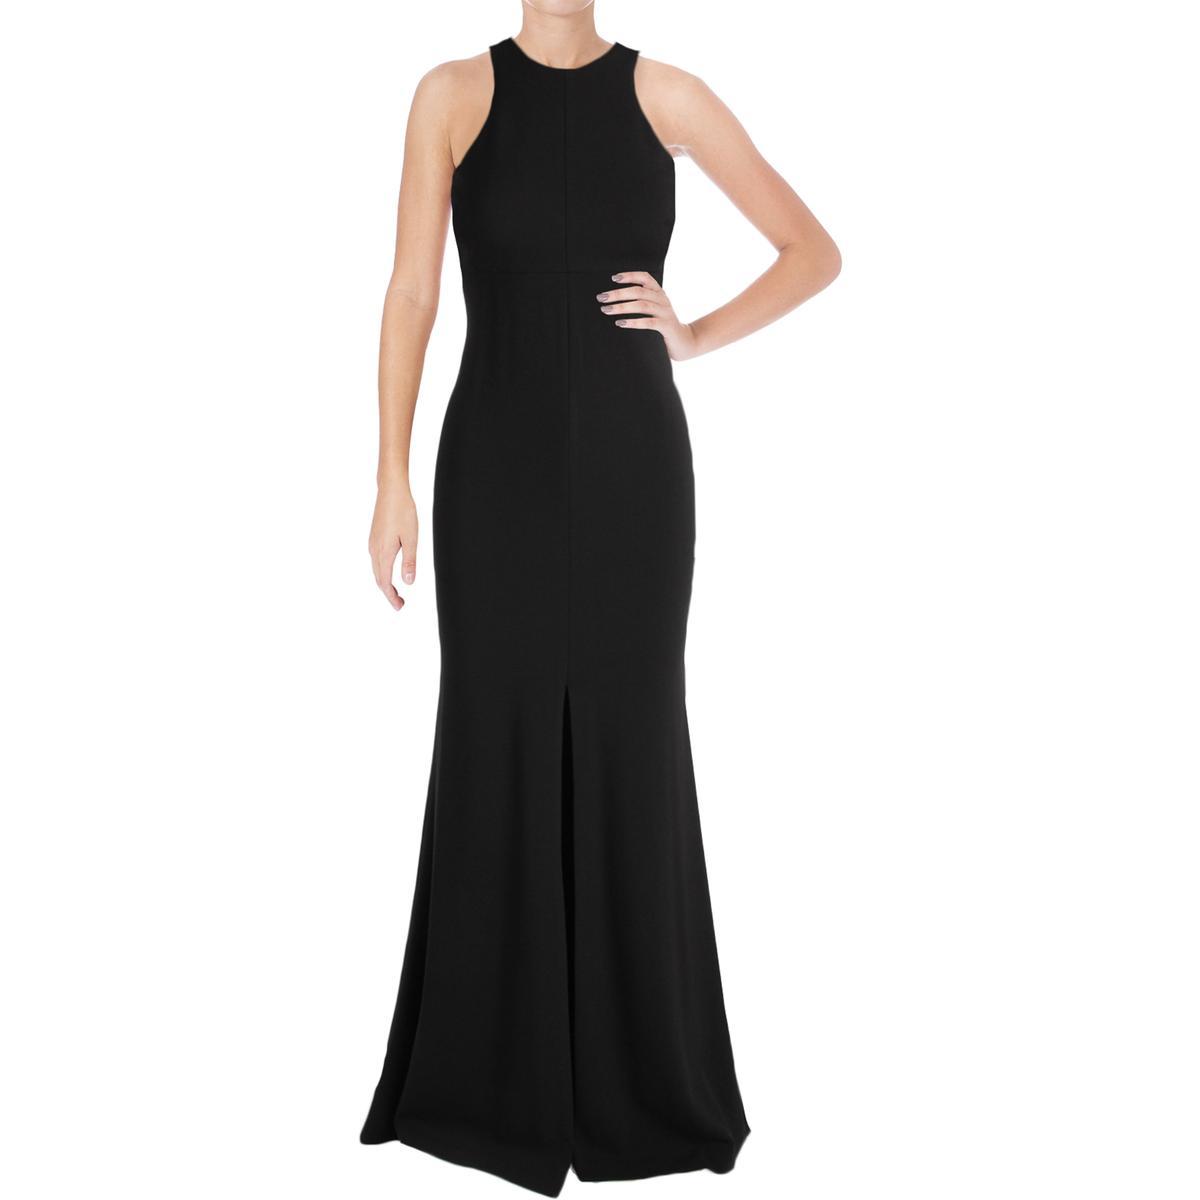 Vera Wang Black Sleeveless Crepe Halter Slit Gown 4 | eBay